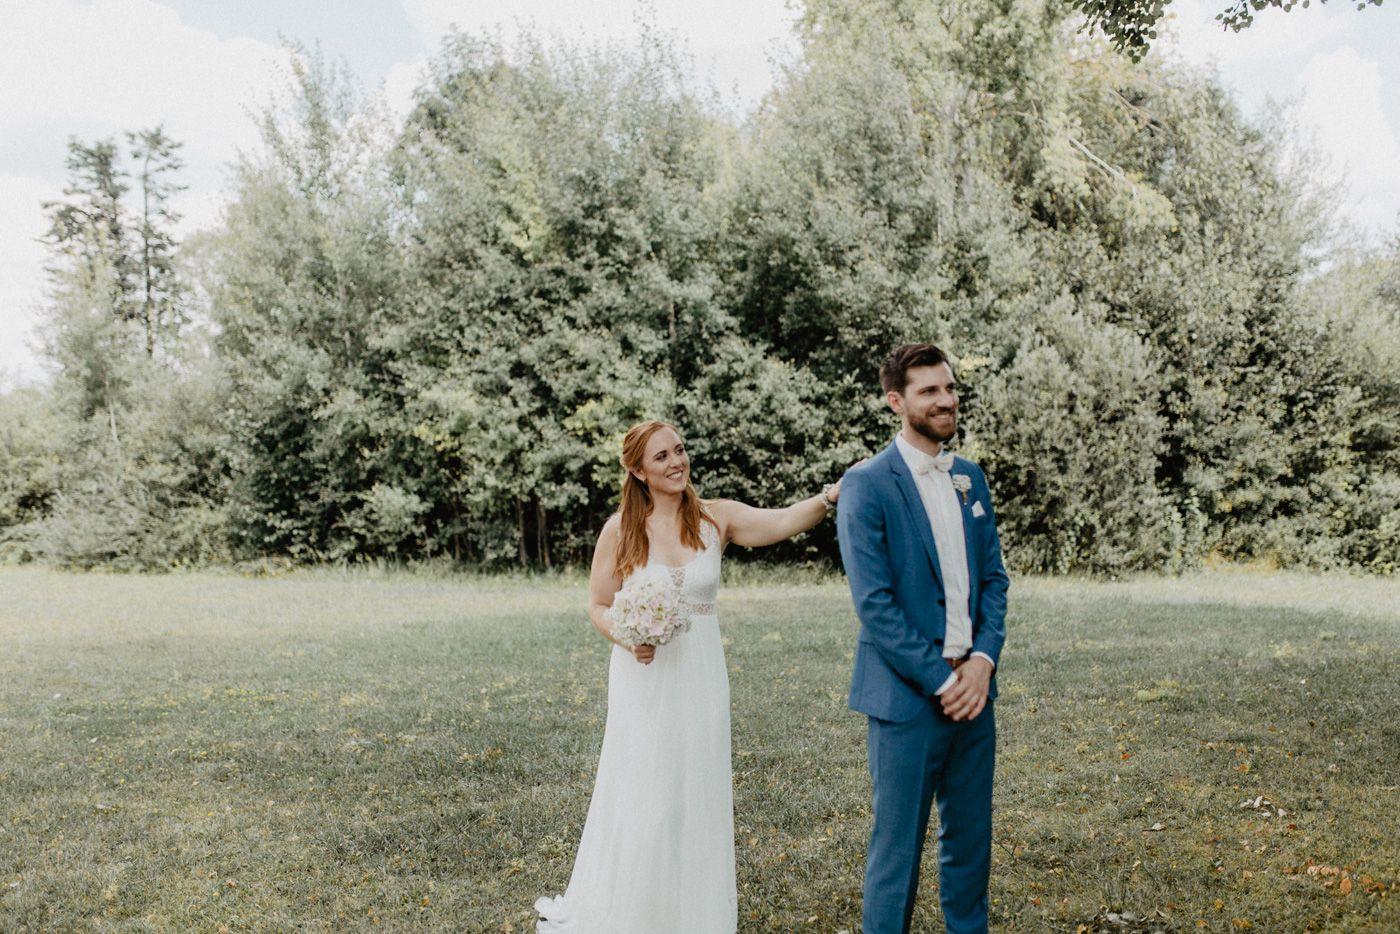 Hochzeiten & Paare | Hochzeitsfotografie, Kleid hochzeit ...